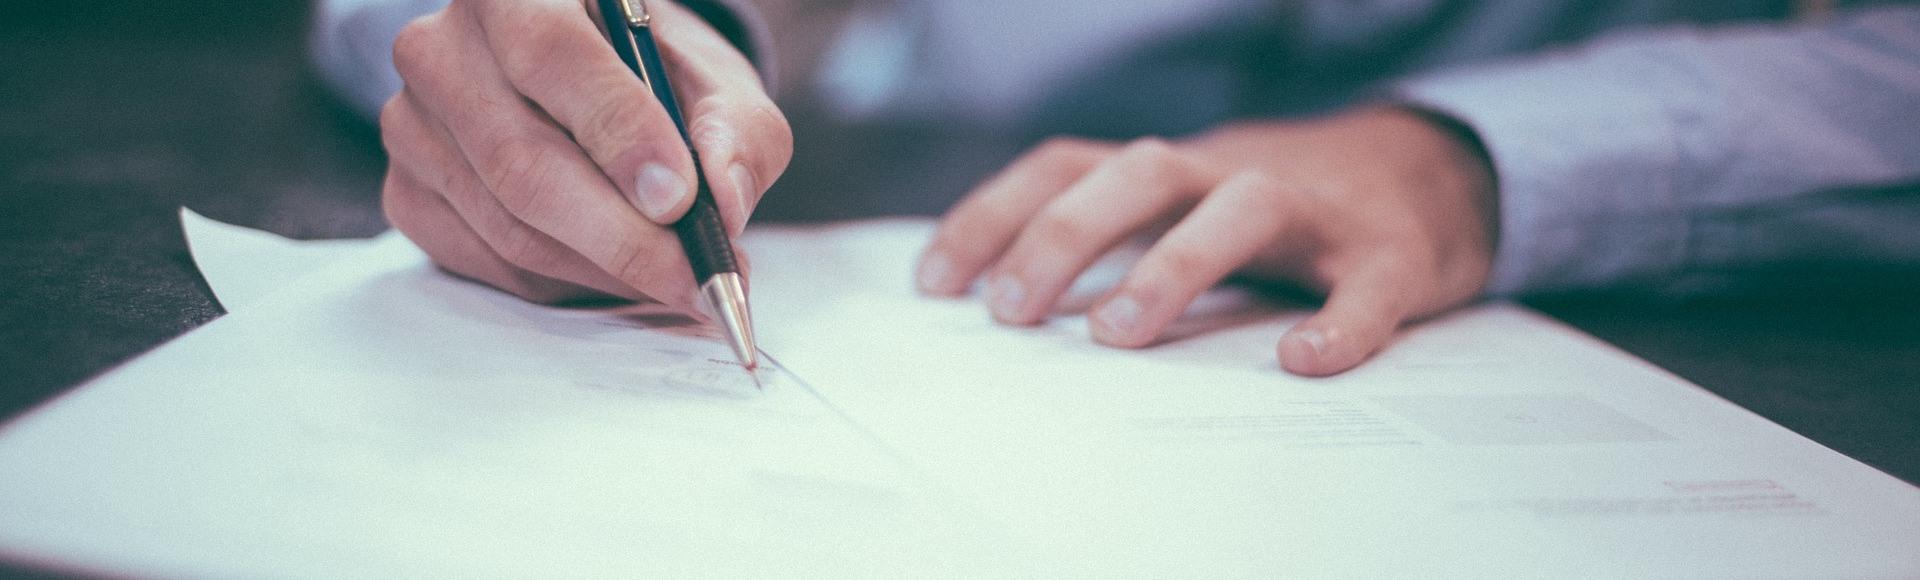 zdjęcie do Wyjaśniamy, na jakie niebezpieczne klauzule/postanowienia/zapisy w umowie deweloperskiej należy uważać przed jej podpisaniem.